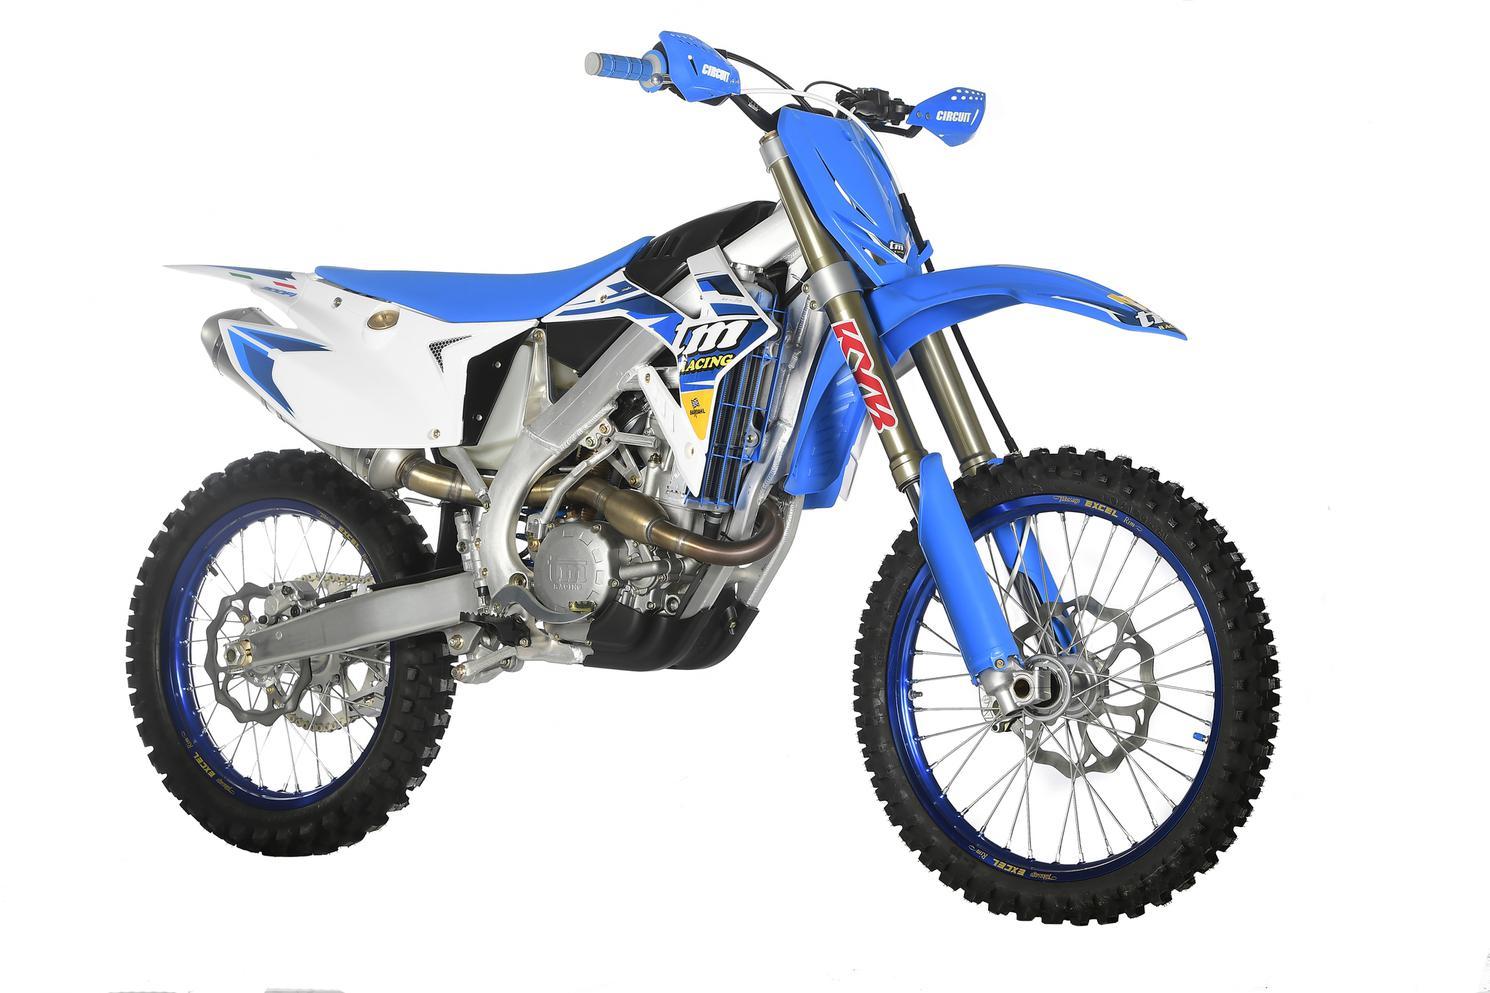 TM TM Racing 300Fi MX